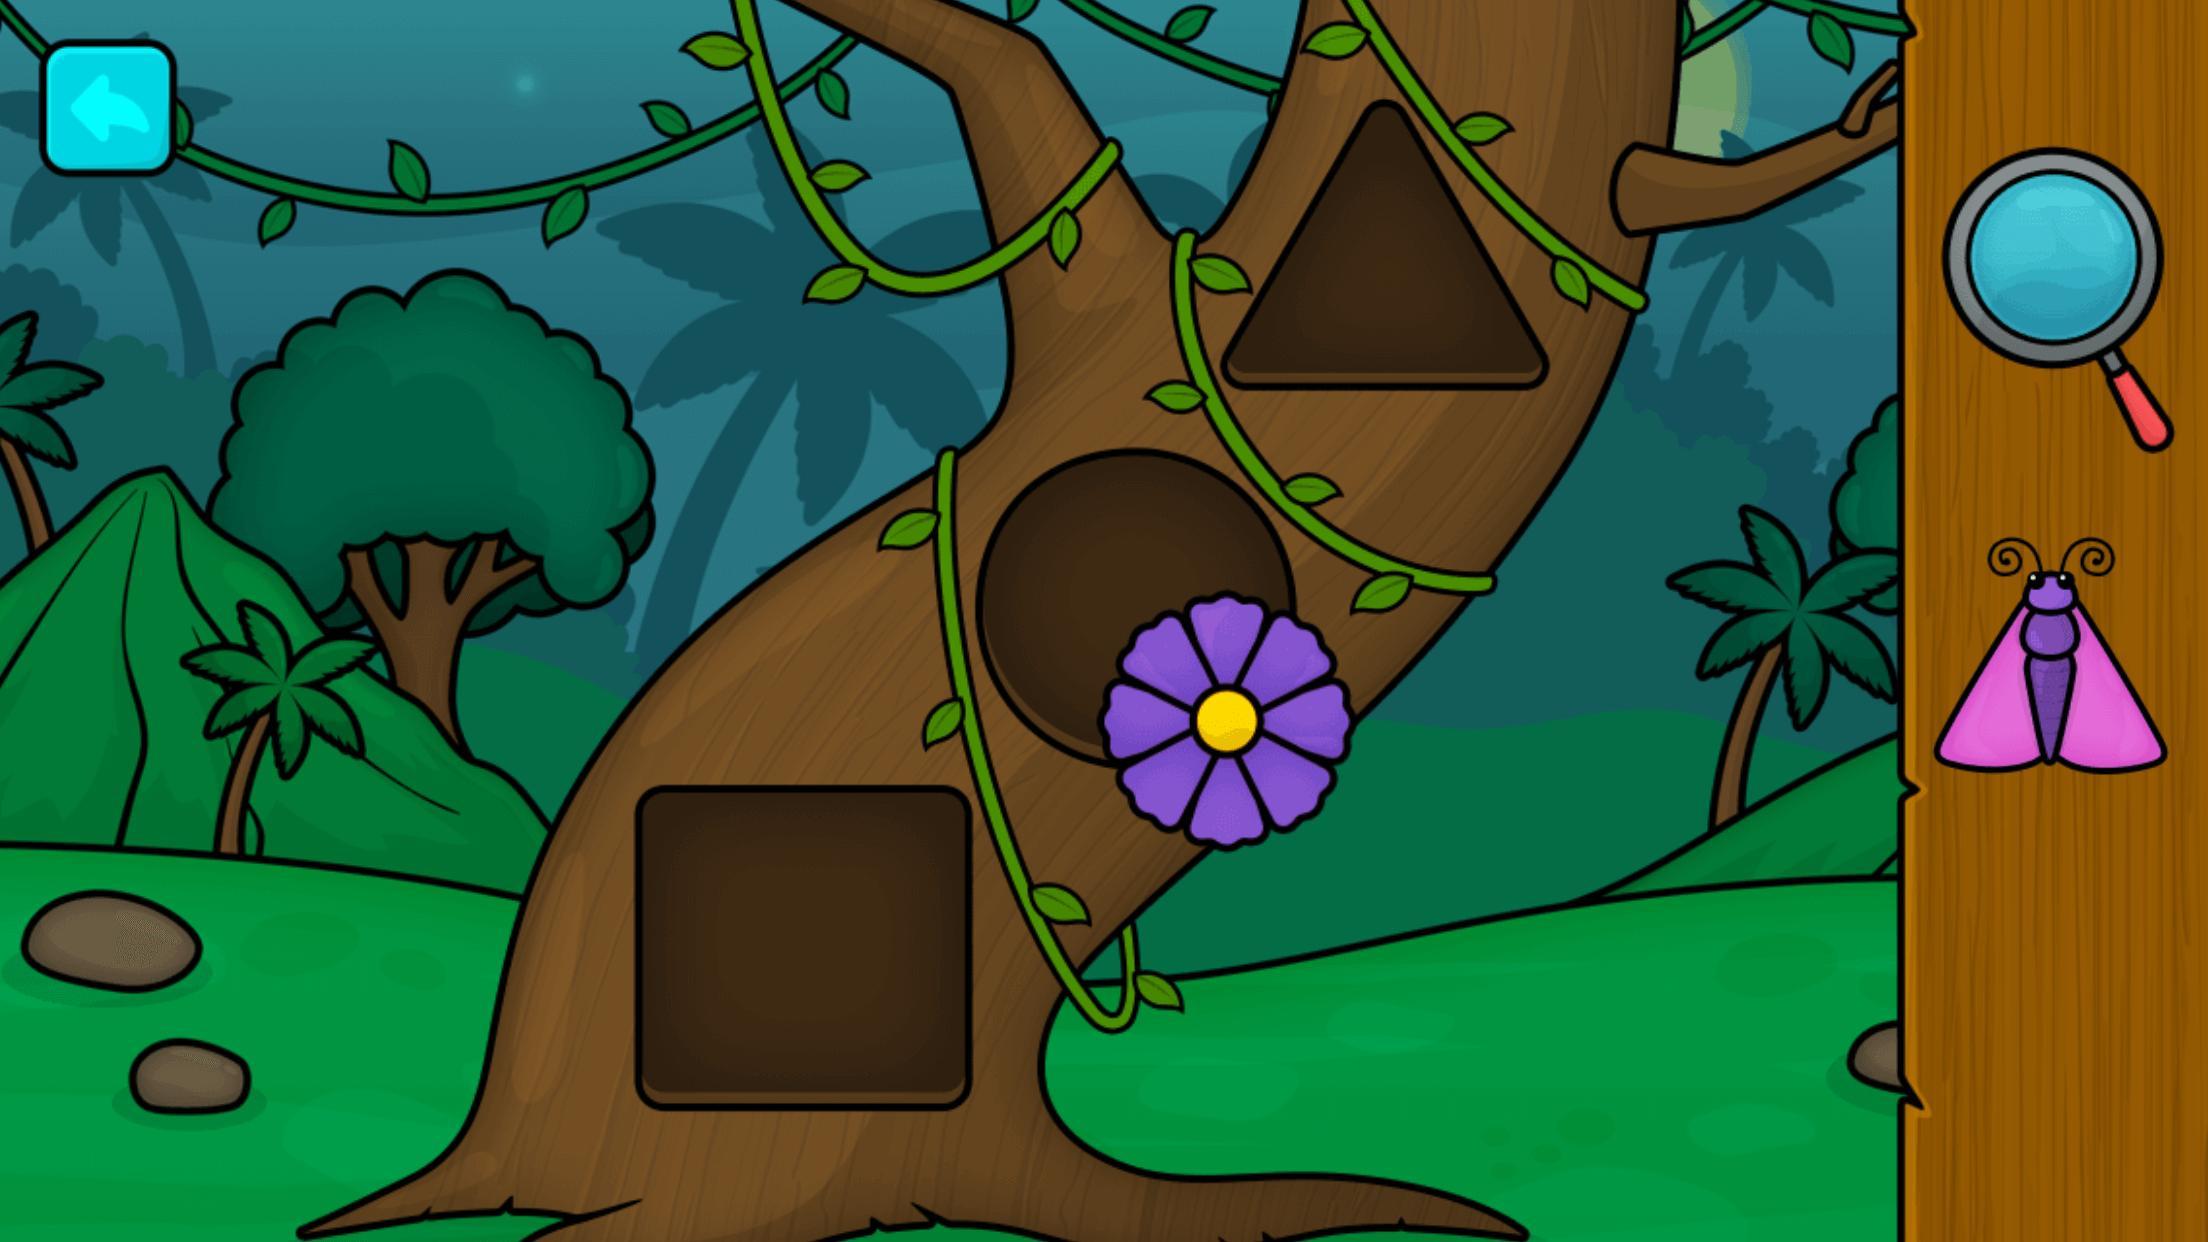 Jeux Pour Enfants 2 - 5 Ans Pour Android - Téléchargez L'apk intérieur Jeux Pour Enfant De 5 Ans